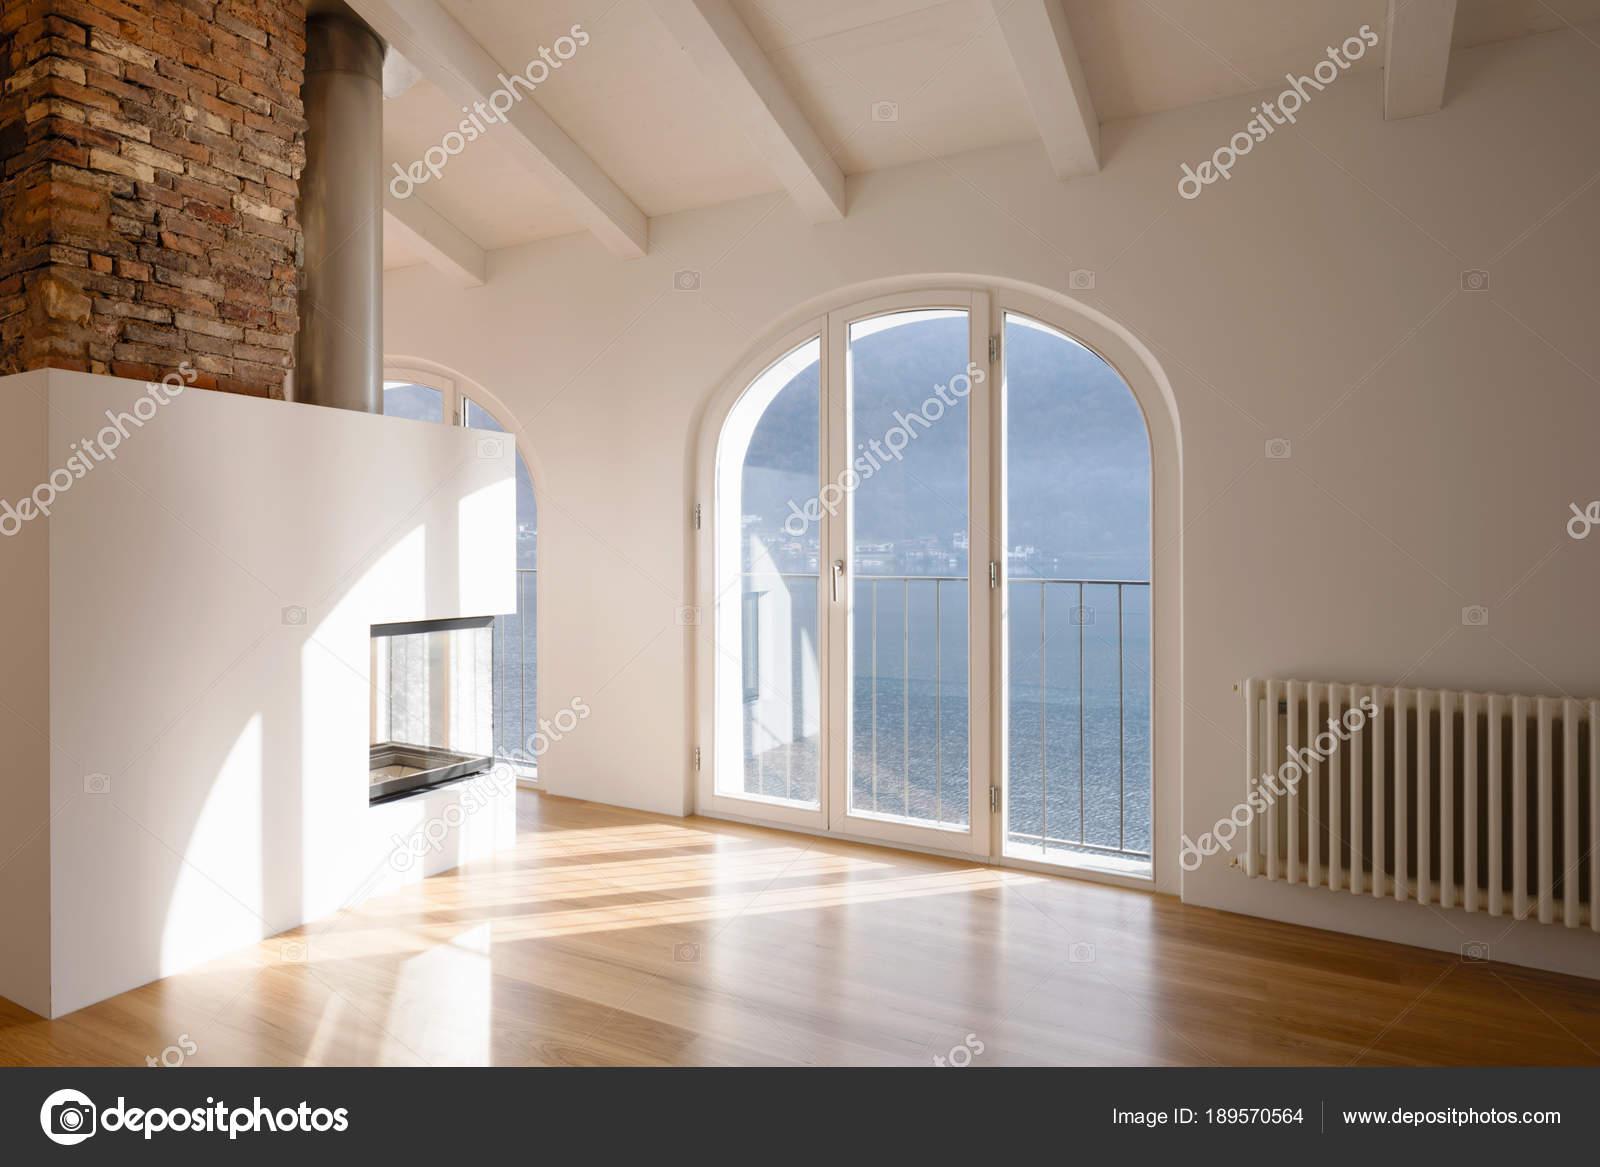 Fantastisch Modernes Wohnzimmer Mit Kamin In Der Mitte U2014 Stockfoto